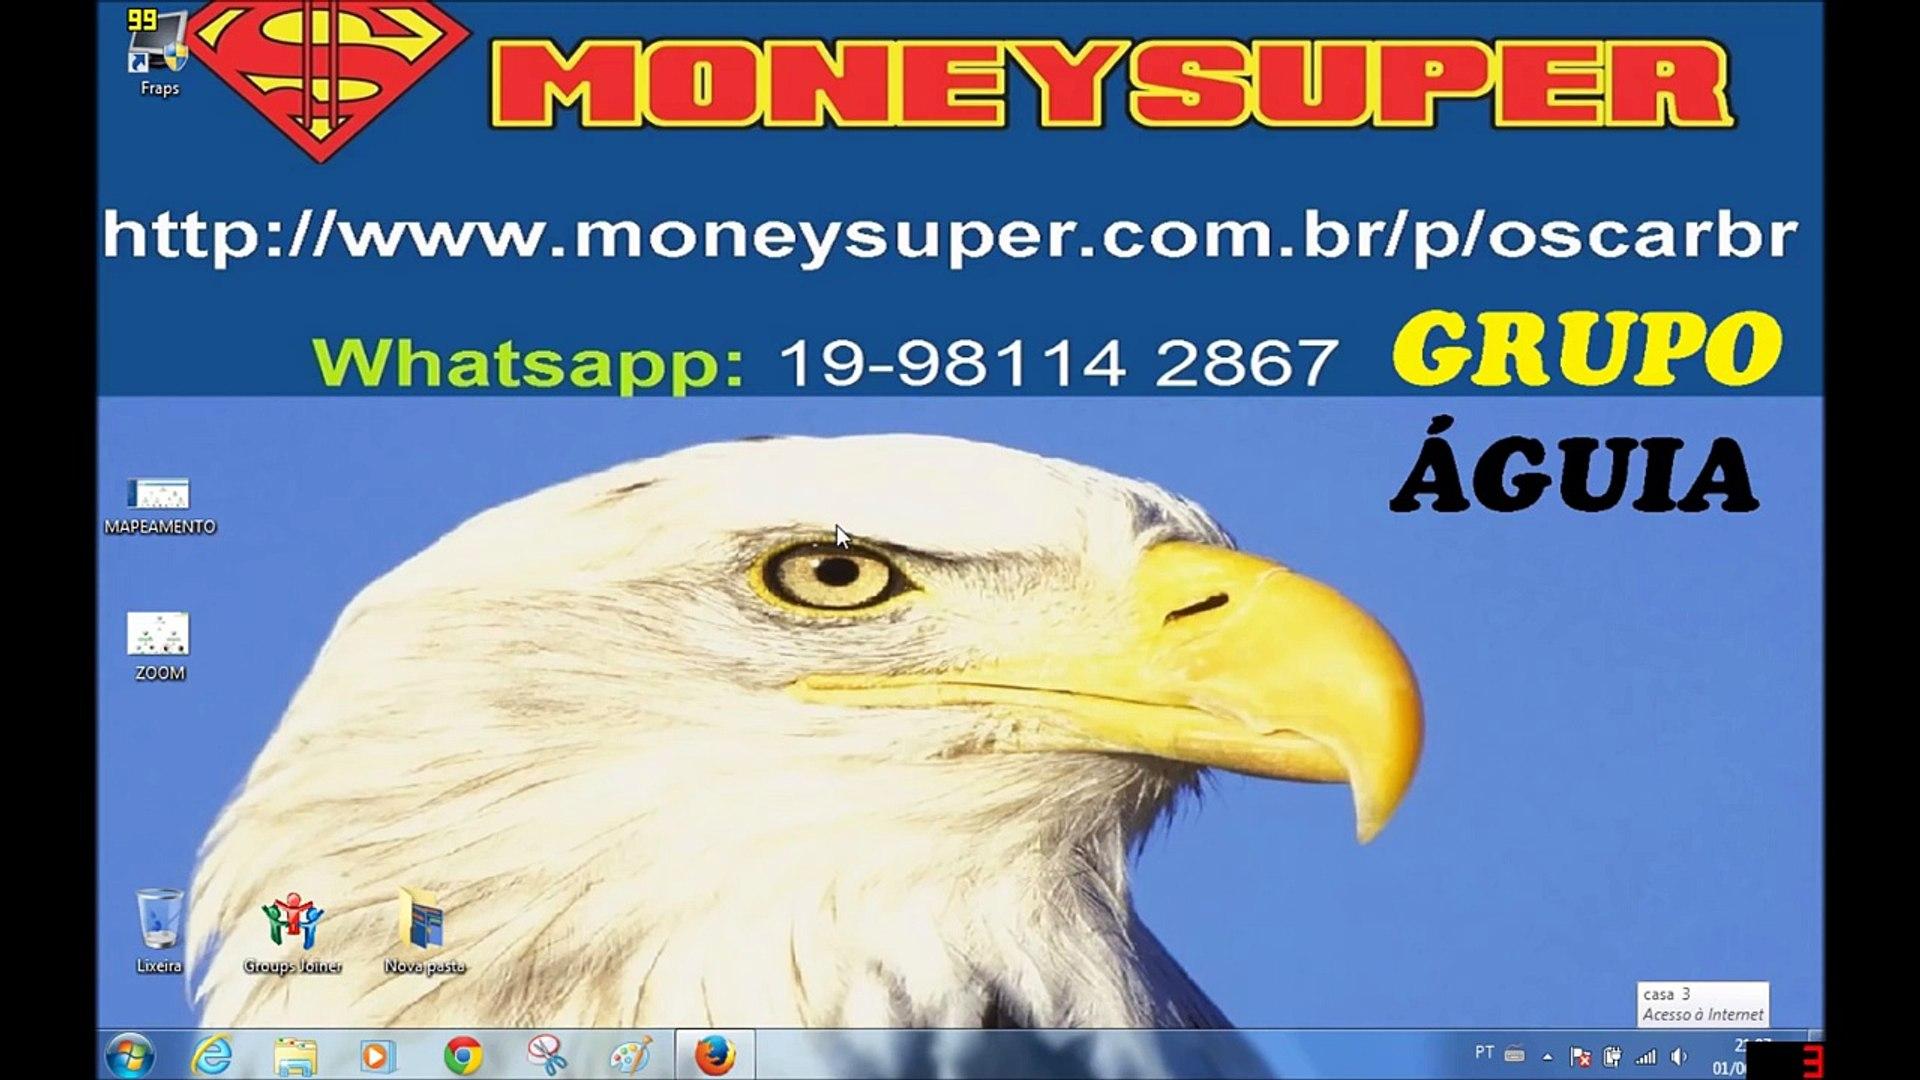 Money Super Derramamento Grupo Águia -  Como funciona o Sistema de Ajuda Mutua MONEY SUPER?